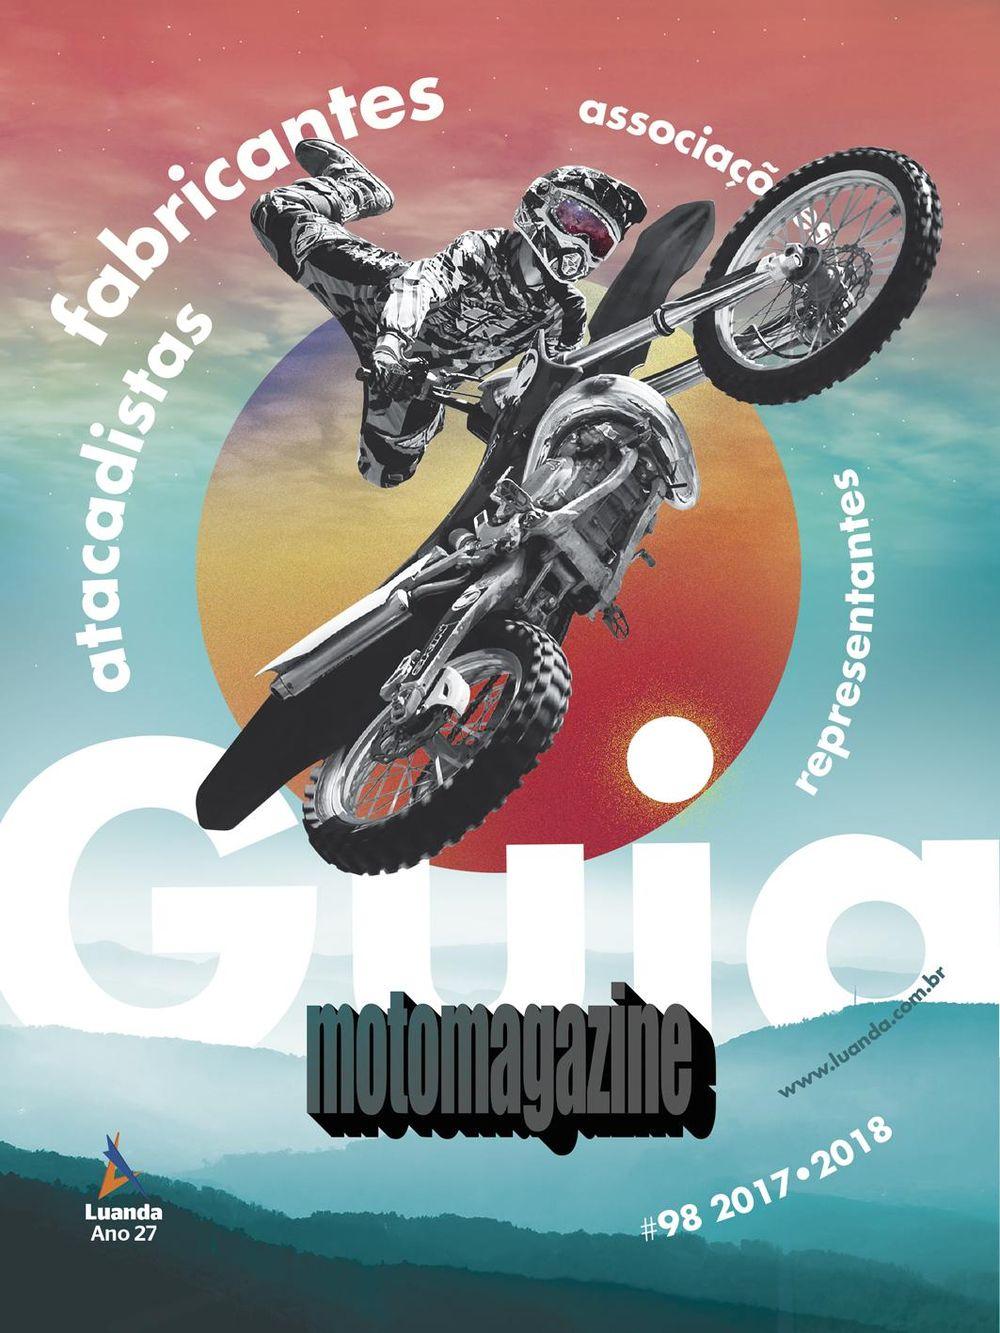 Guia Motomagazine - image 1 - student project